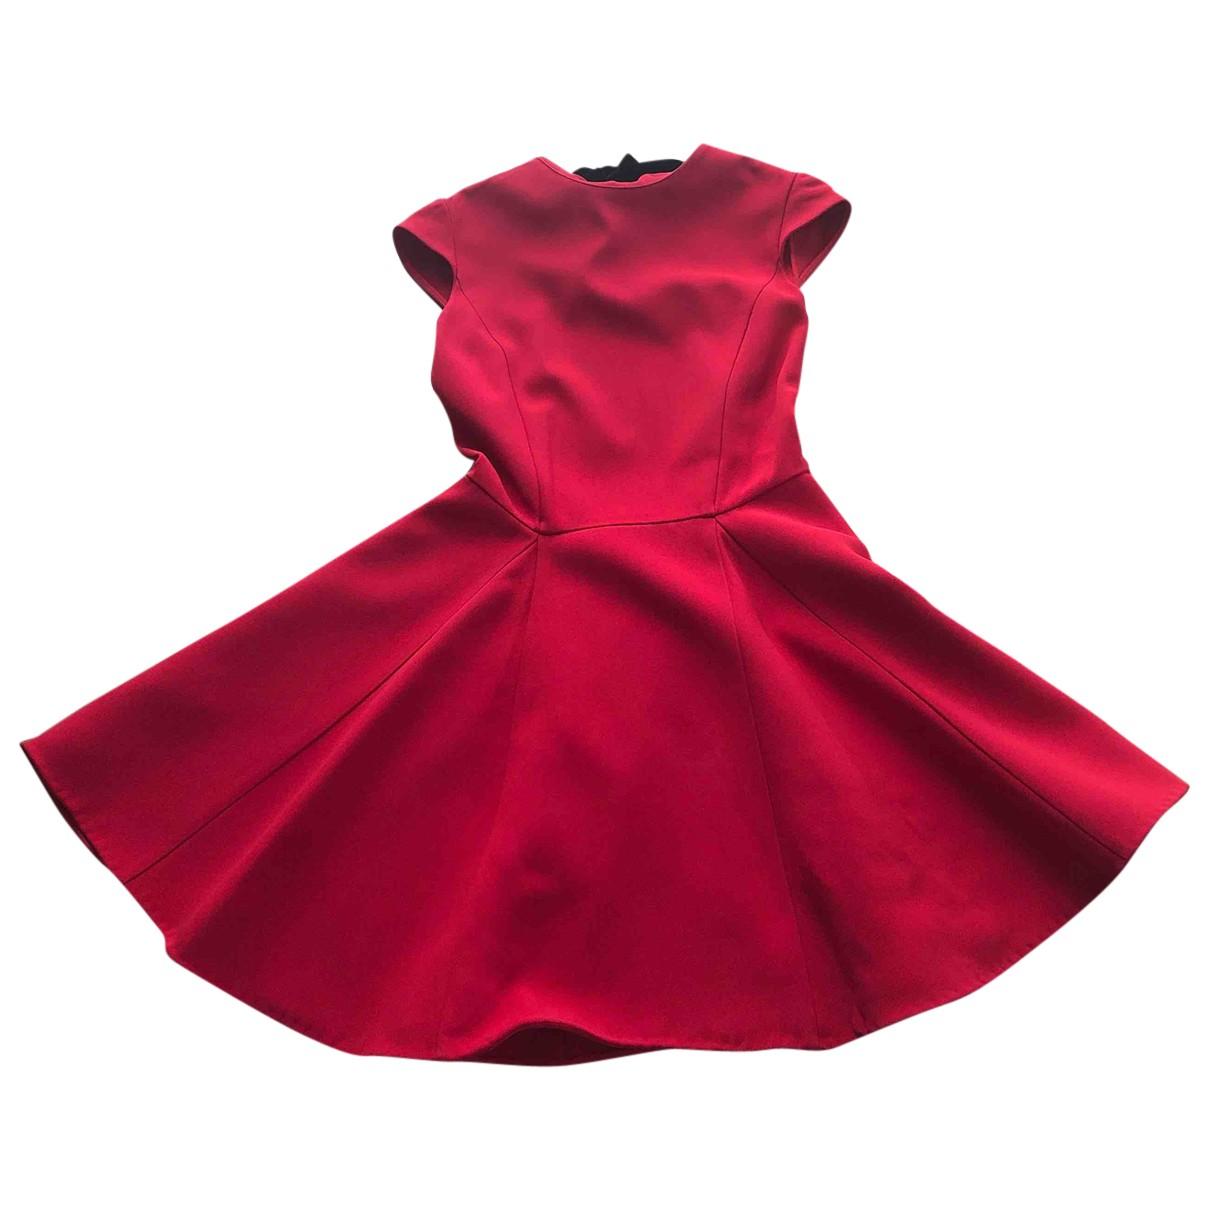 Miu Miu N Red dress for Women 38 IT